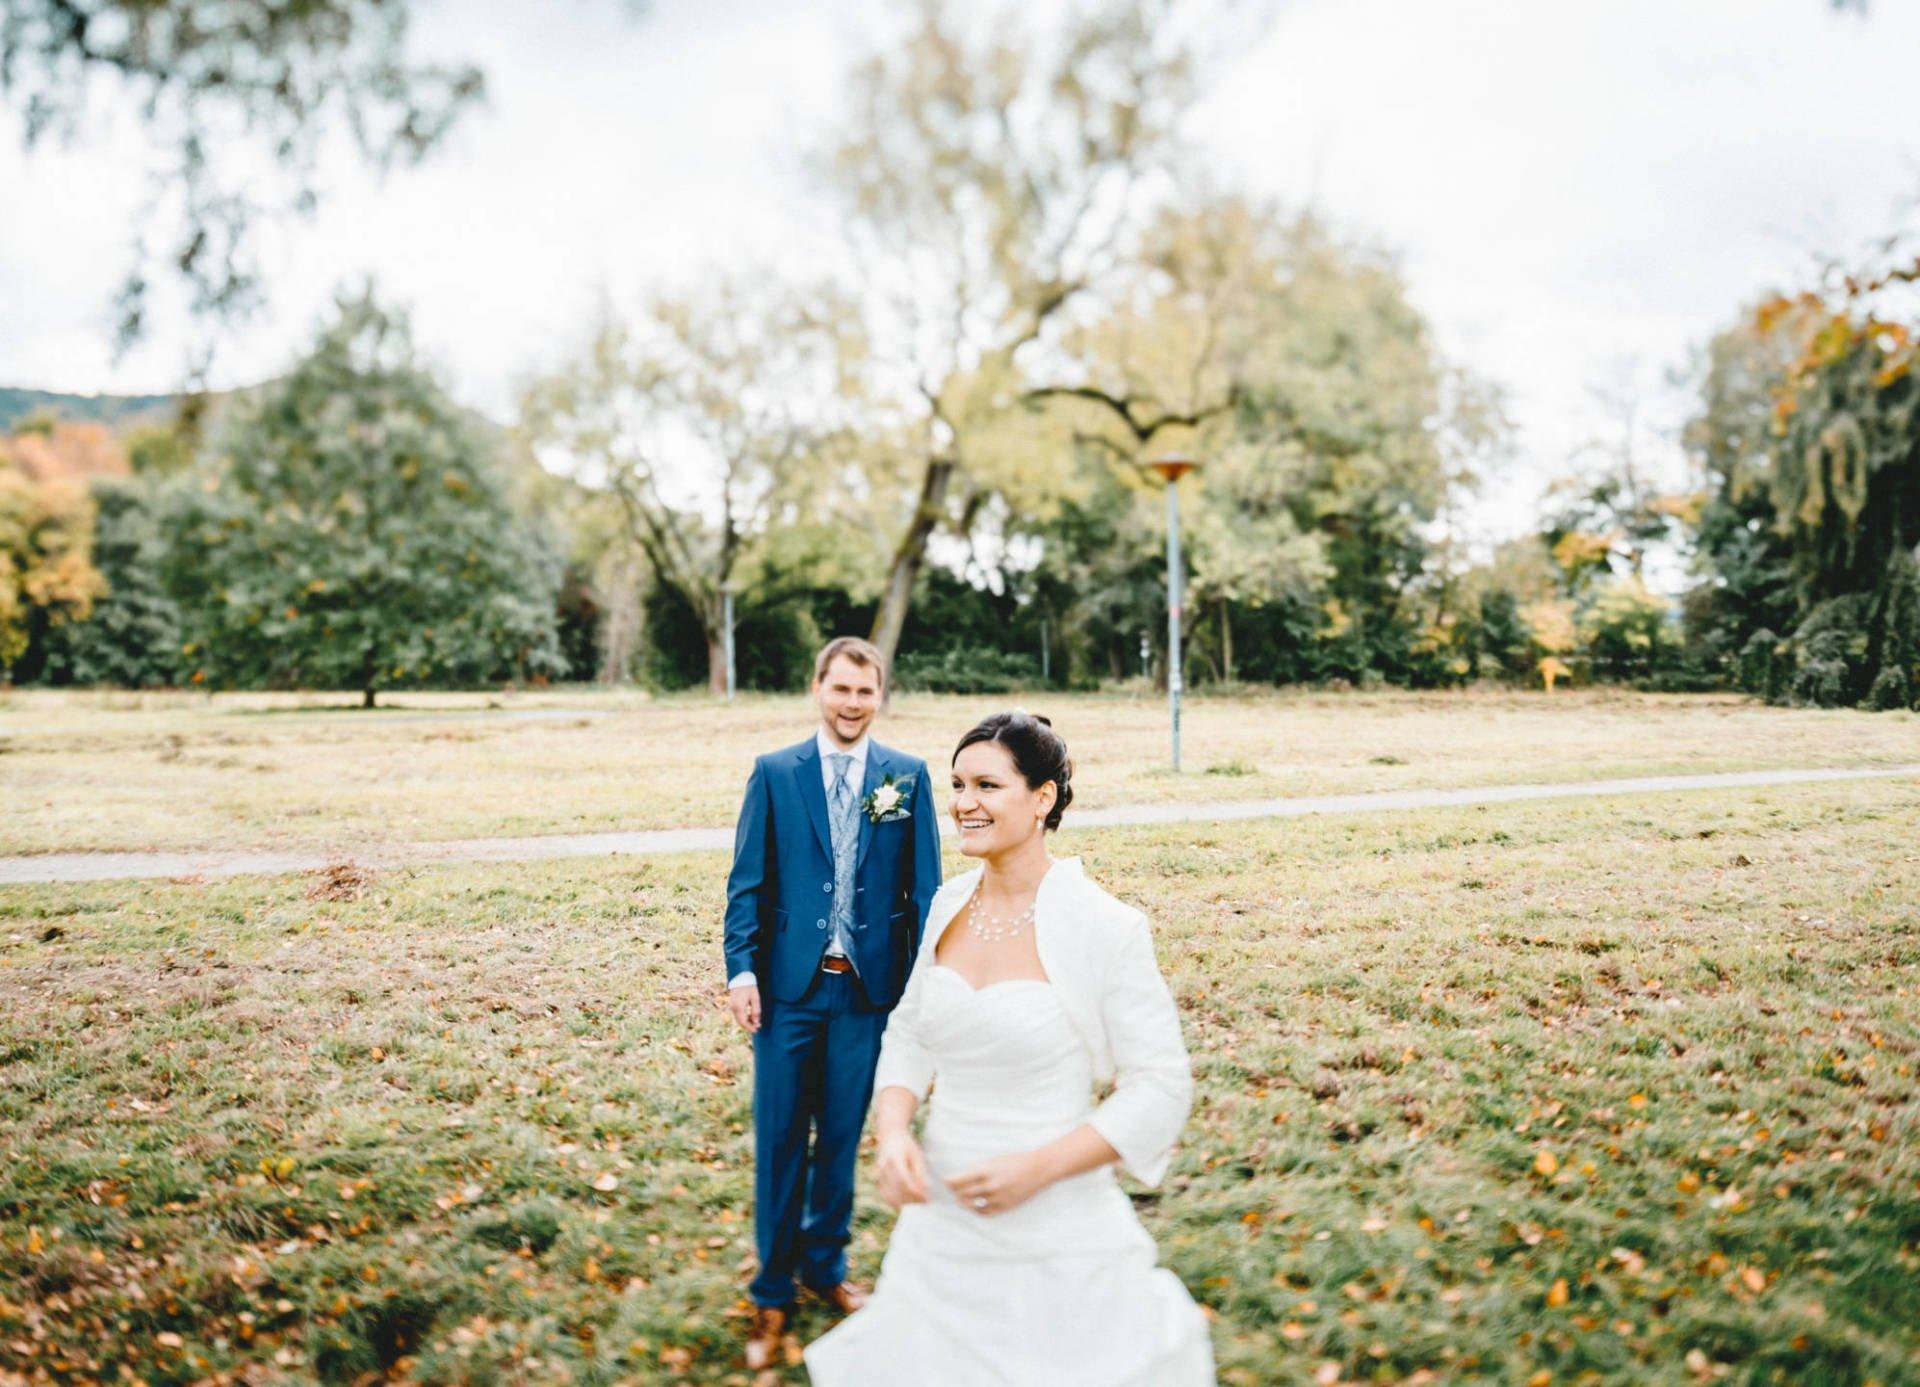 Hochzeitsreportage | Hochzeit im Paradies Jena | 18